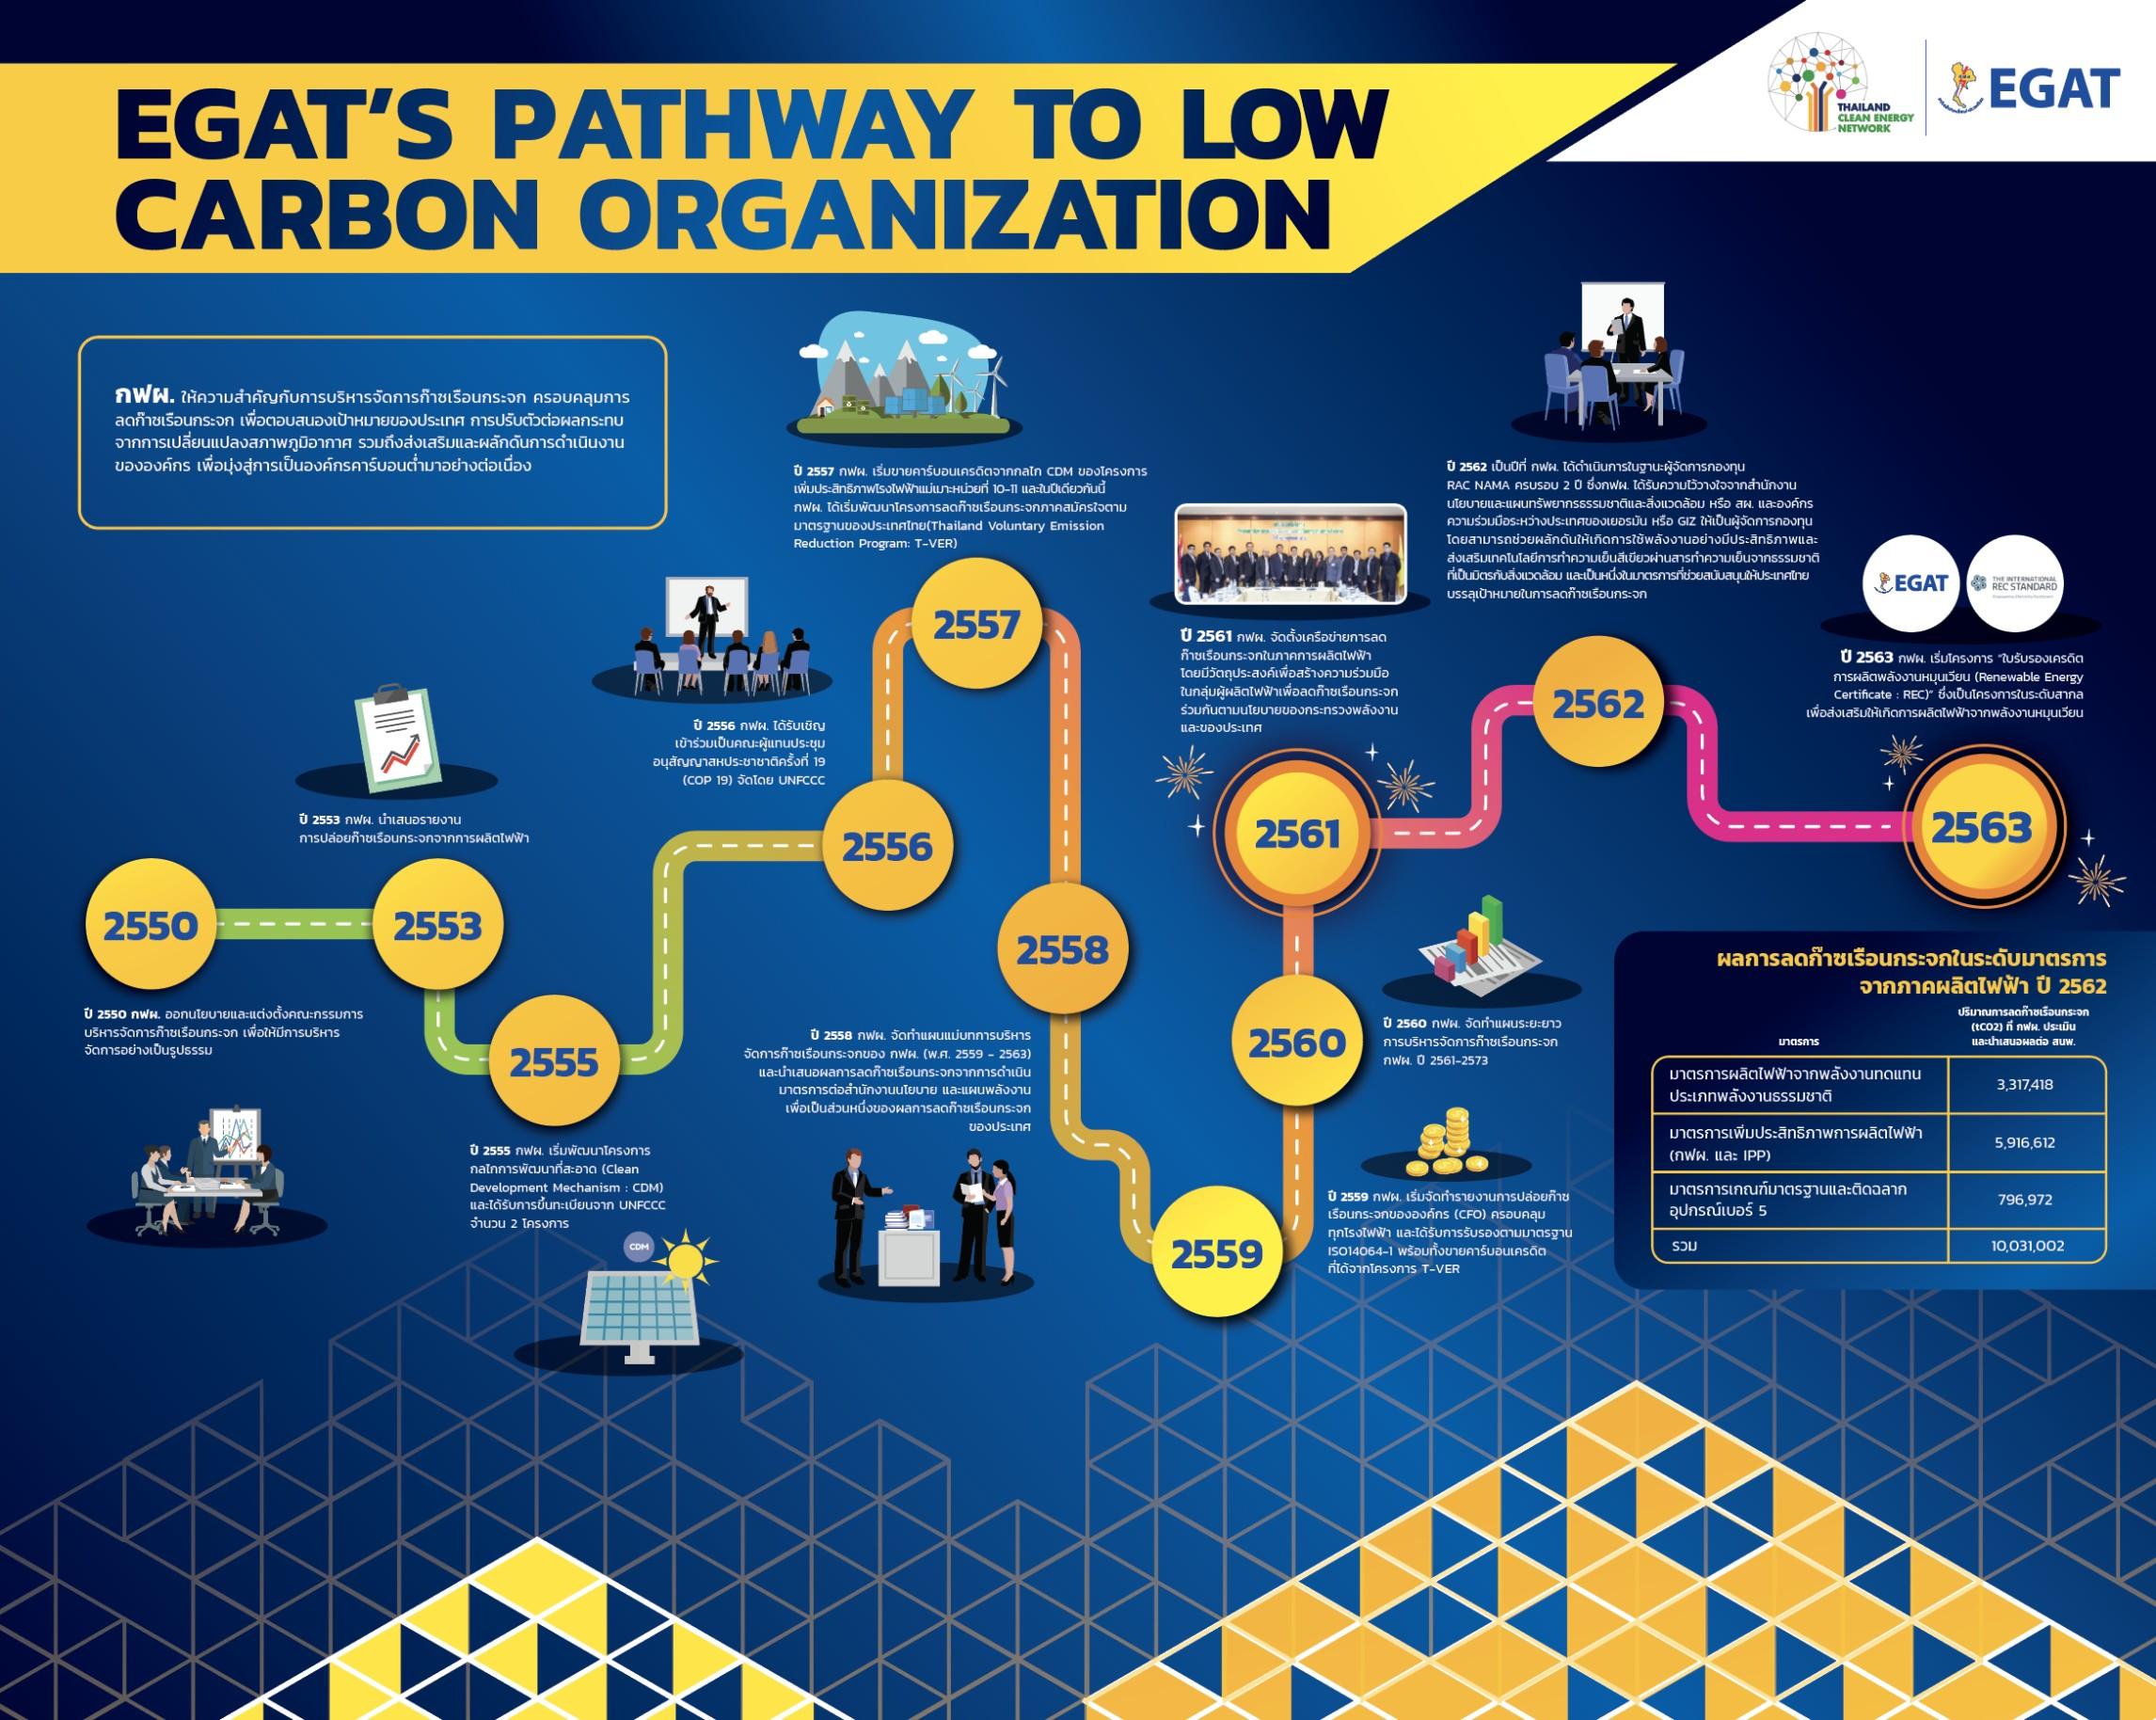 กฟผ. เปิดตัวธุรกิจใหม่ ซื้อขายใบรับรองพลังงานหมุนเวียนภายในงาน Thailand Clean Energy Network 2020